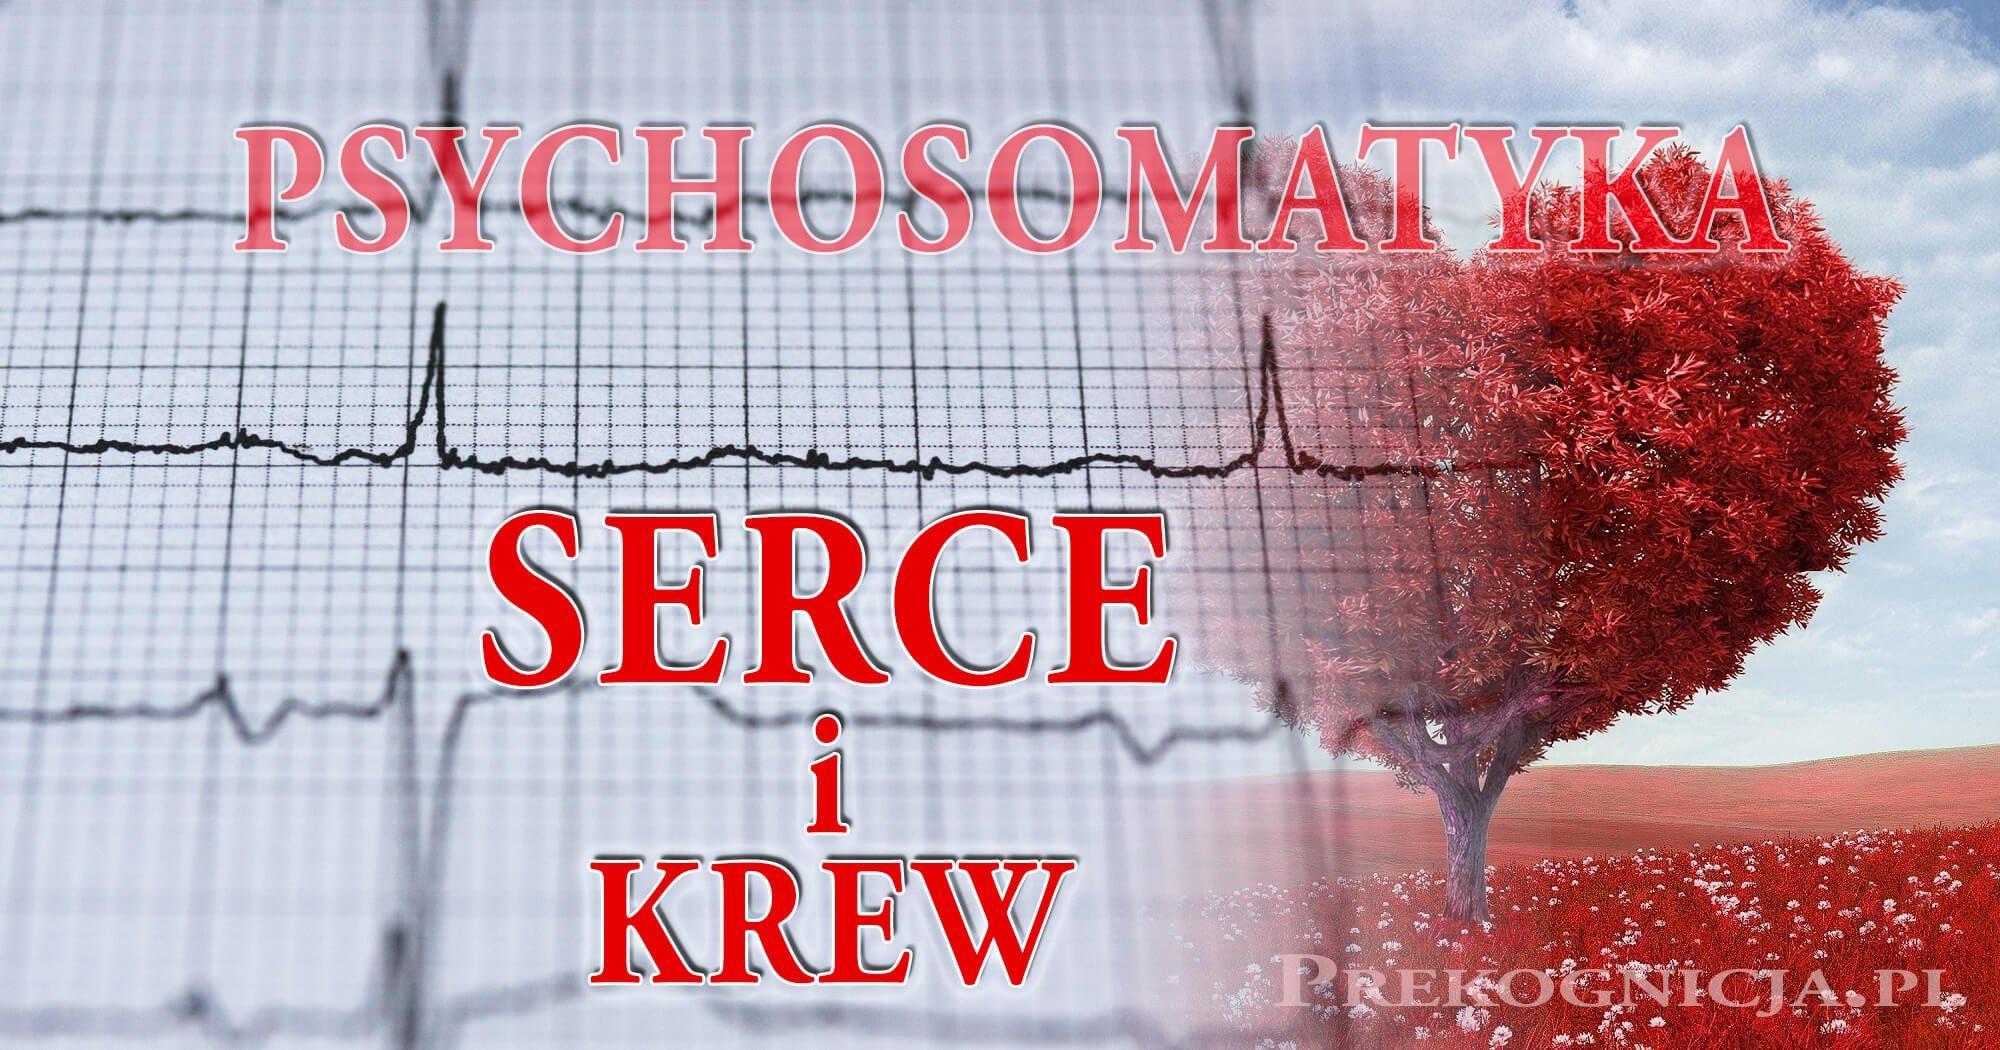 Psychosomatyka: Krew, Serce, krążenie krwi